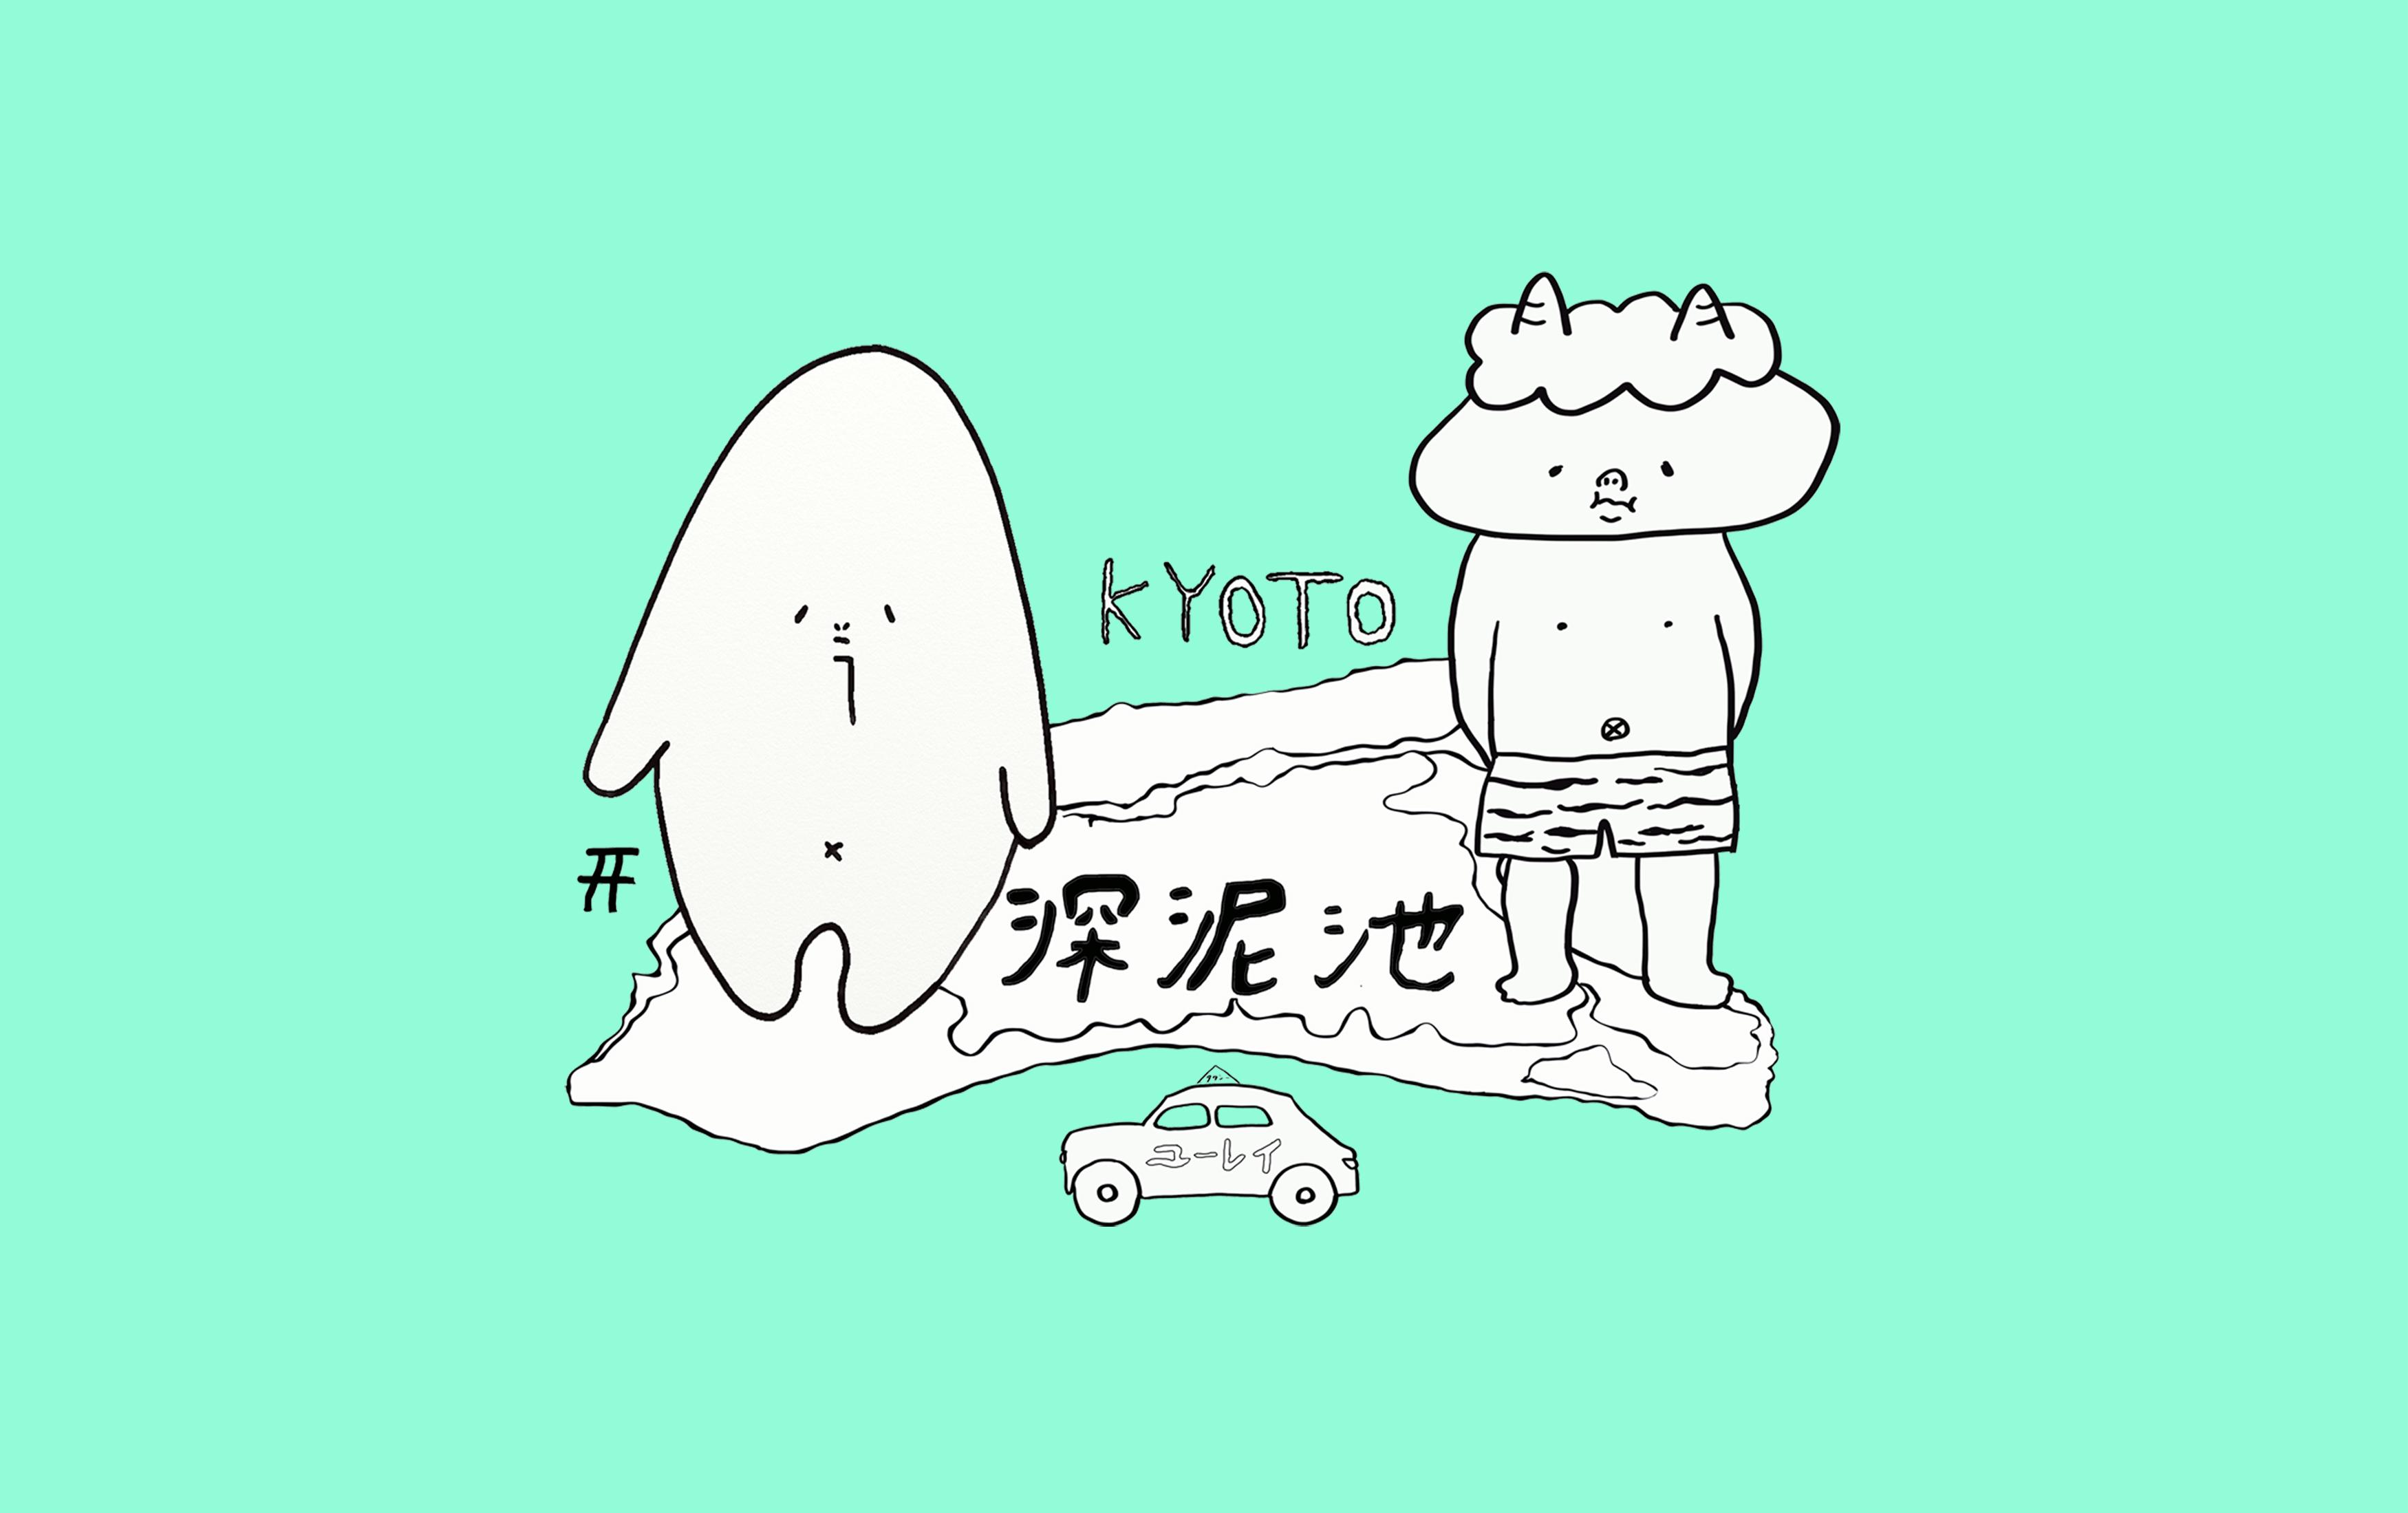 勝手にご当地シリーズ第1弾!京都有数の心霊スポット「深泥池」とぽっぴんたろうの意外な関係